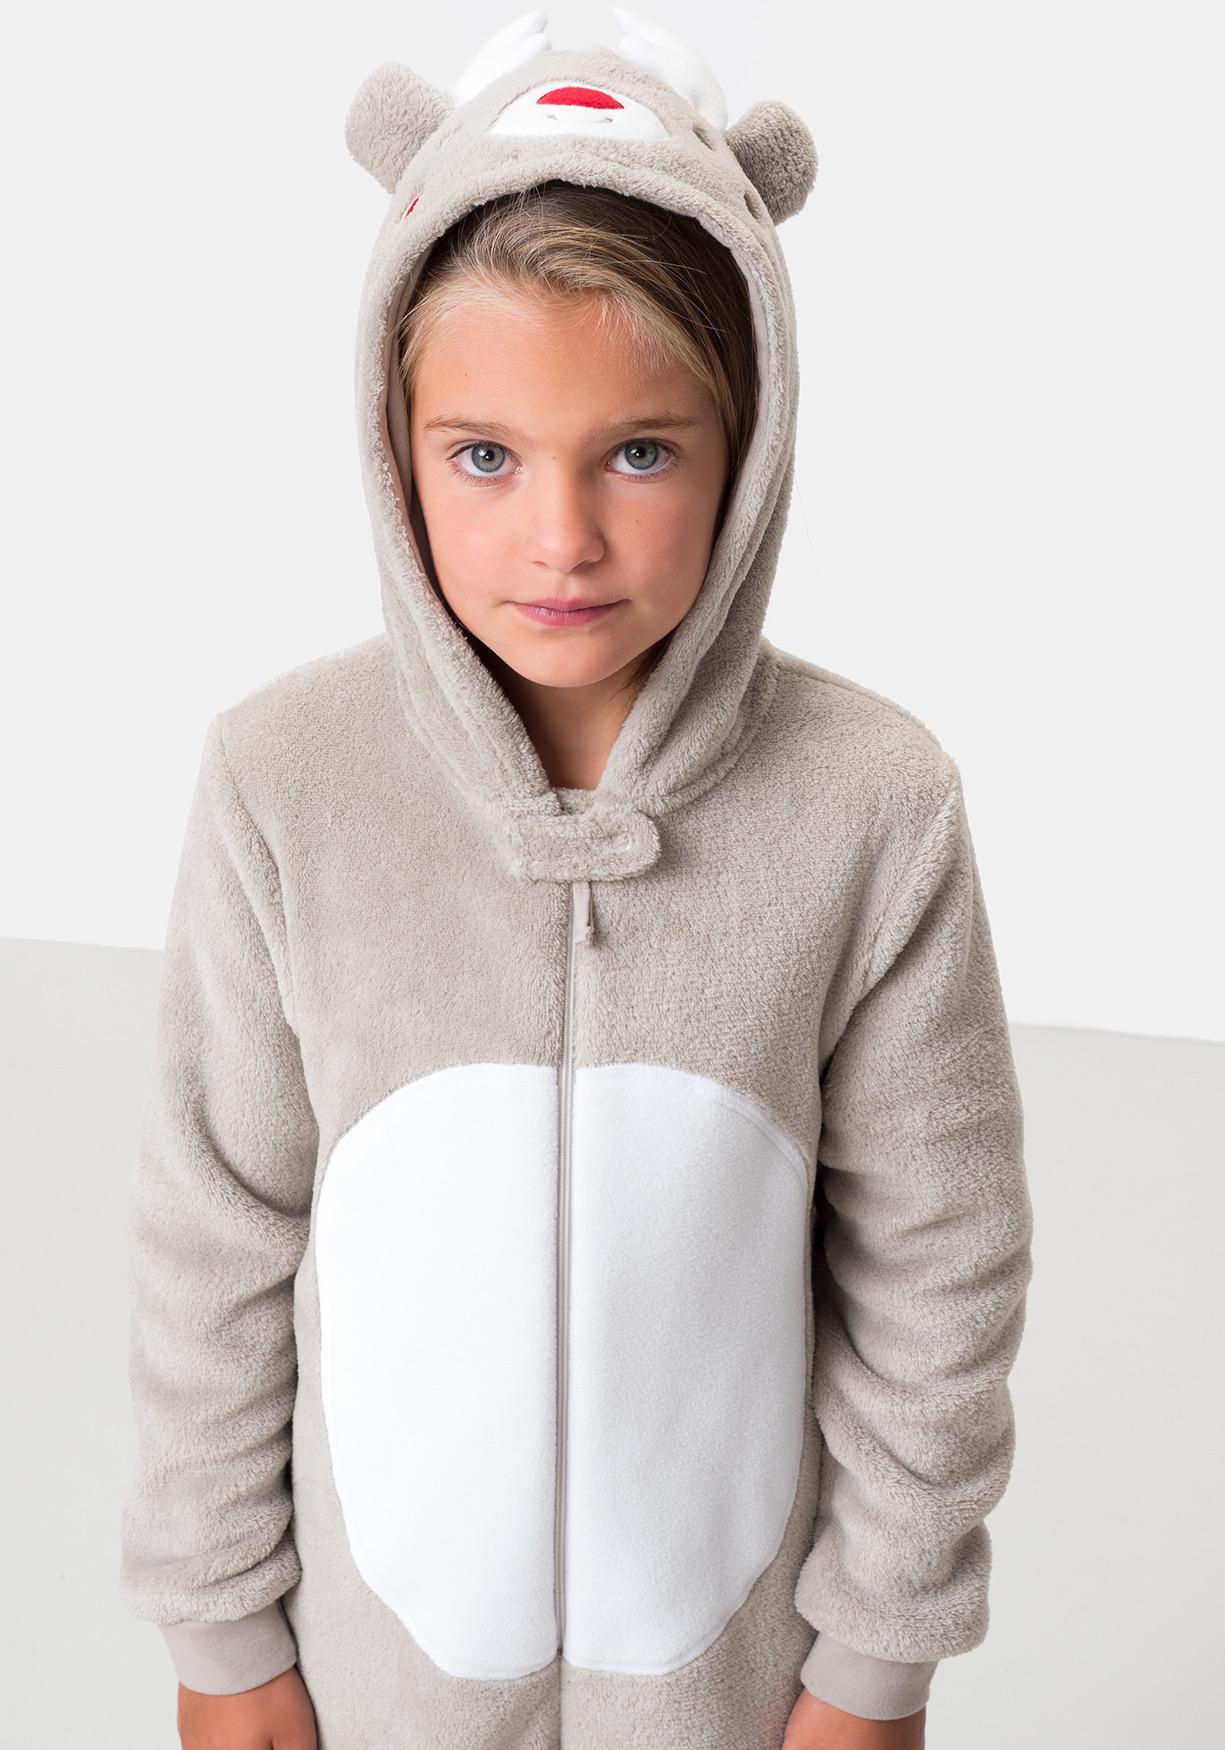 c0efdec81d Comprar Pijama manta animales TEX. ¡Aprovéchate de nuestros precios ...